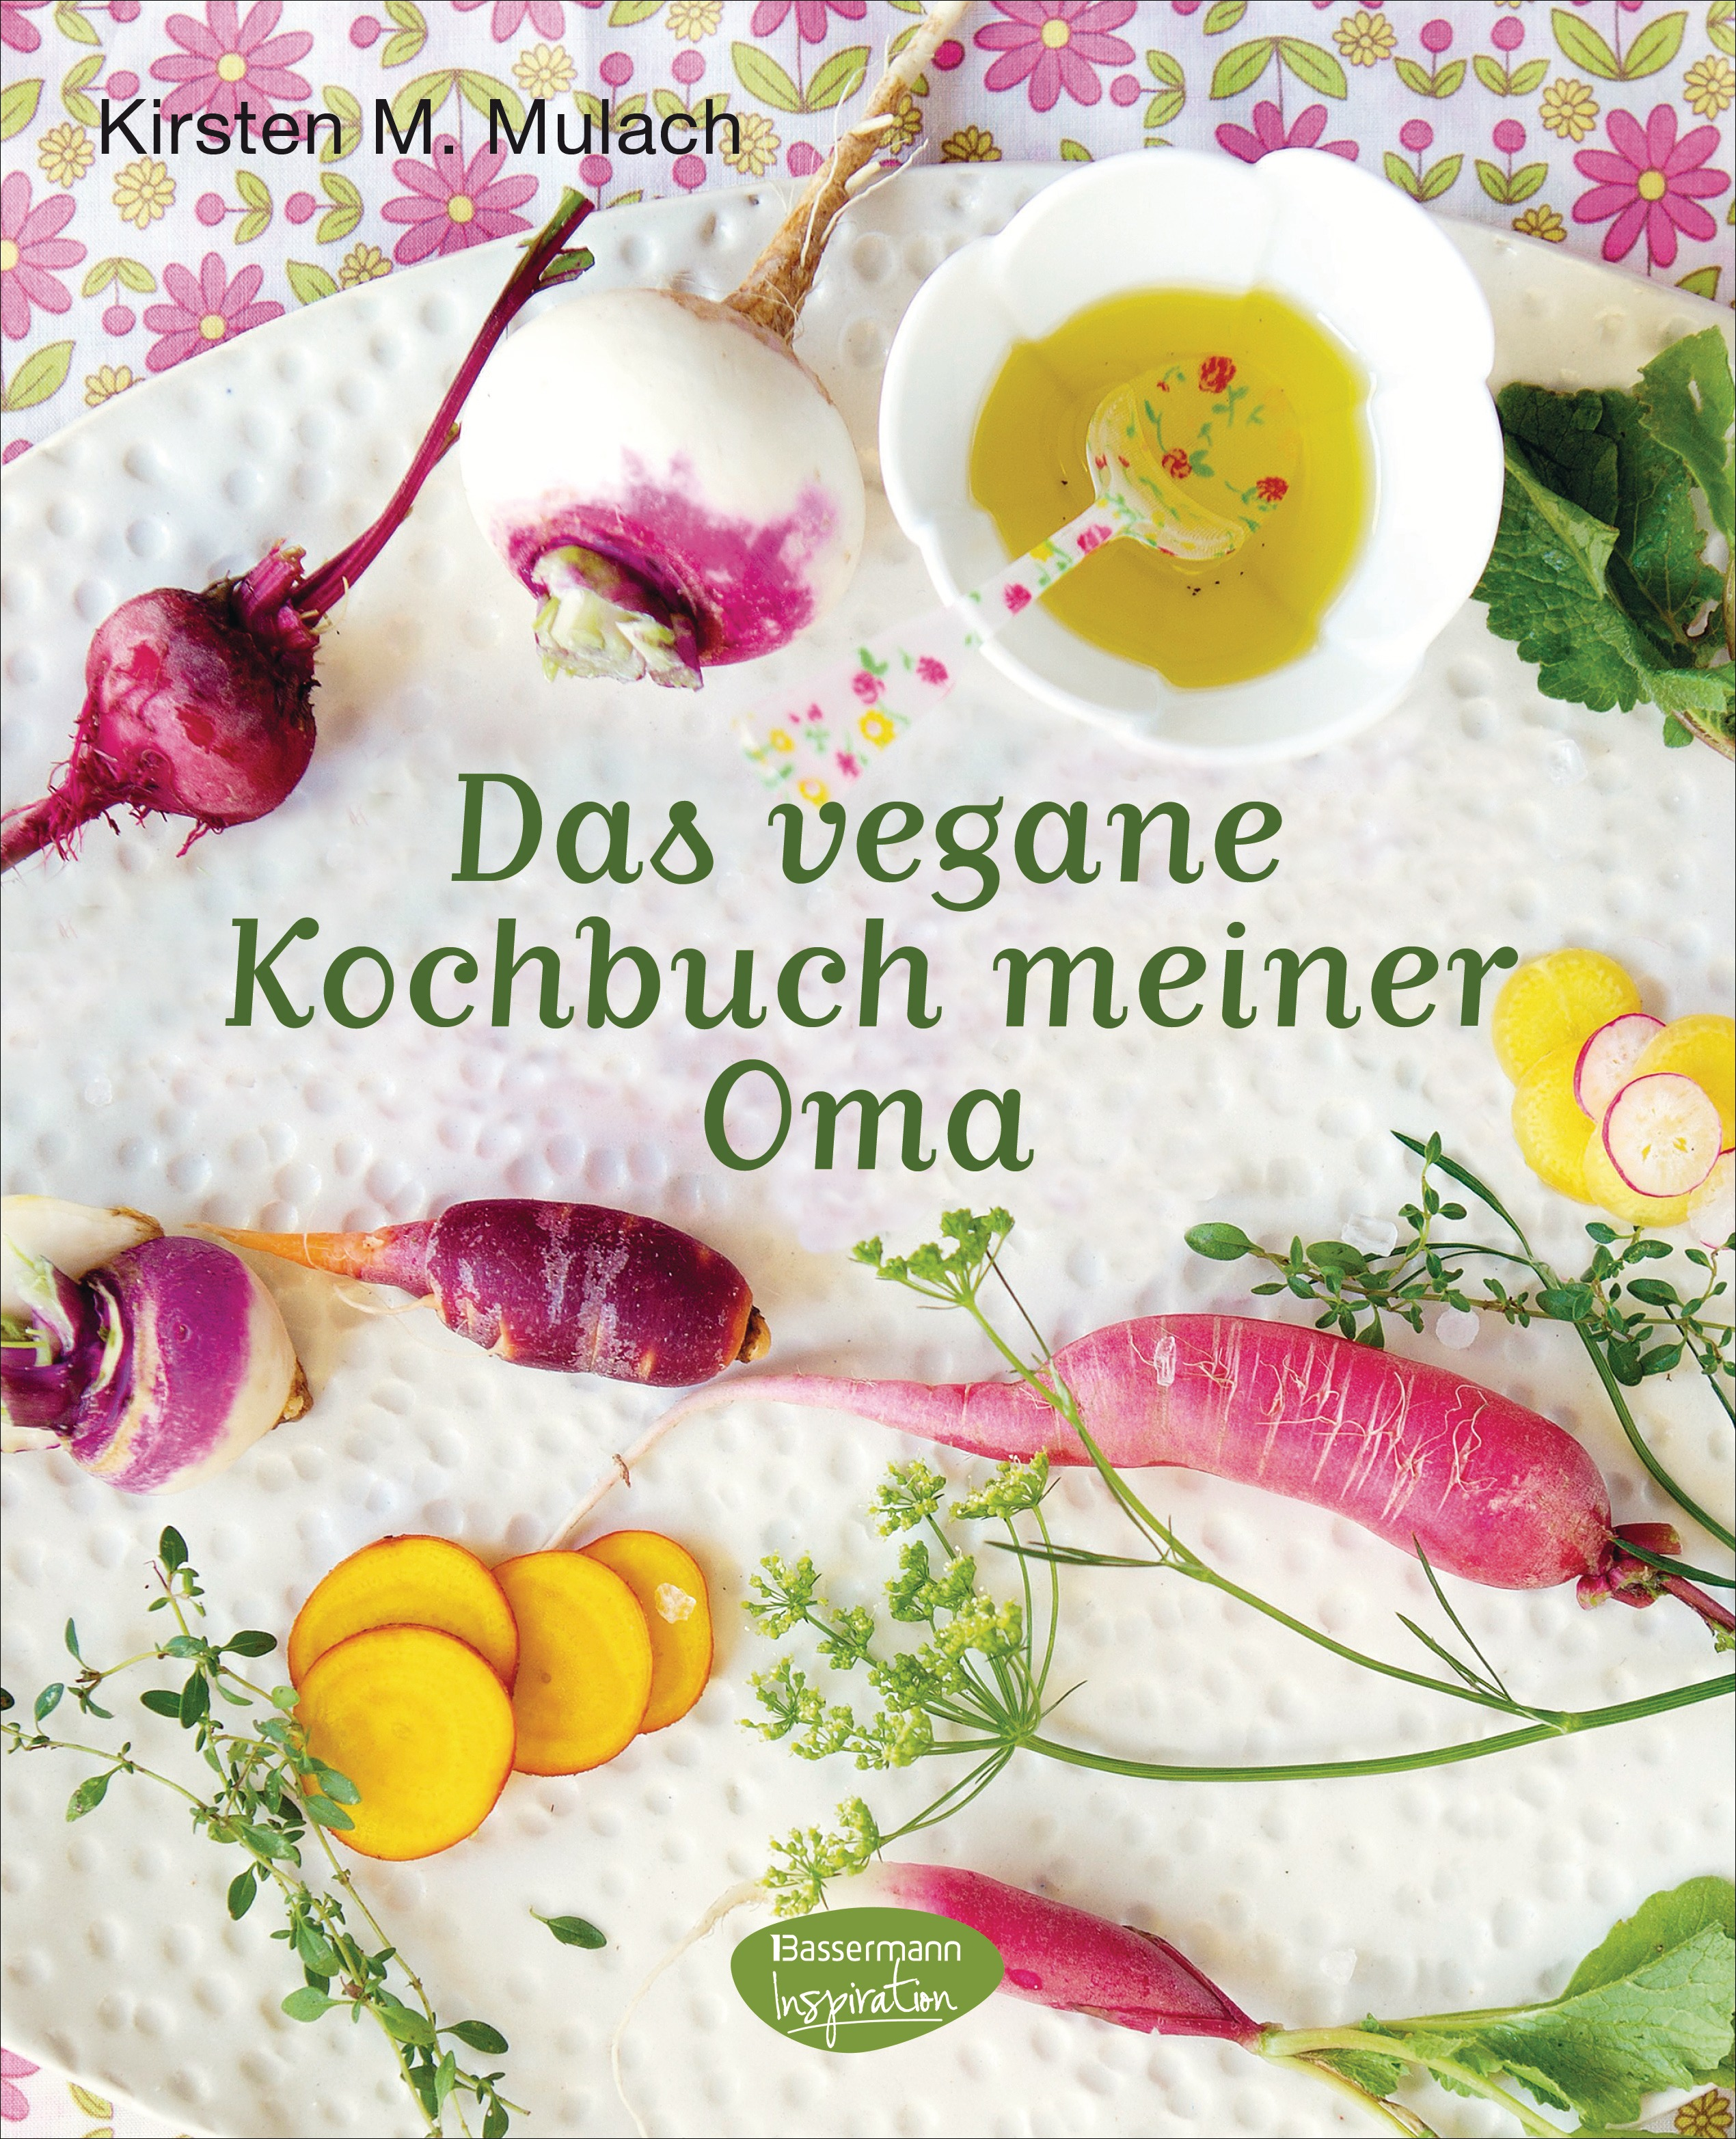 Das vegane Kochbuch meiner Oma - Mulach, Kirsten M.